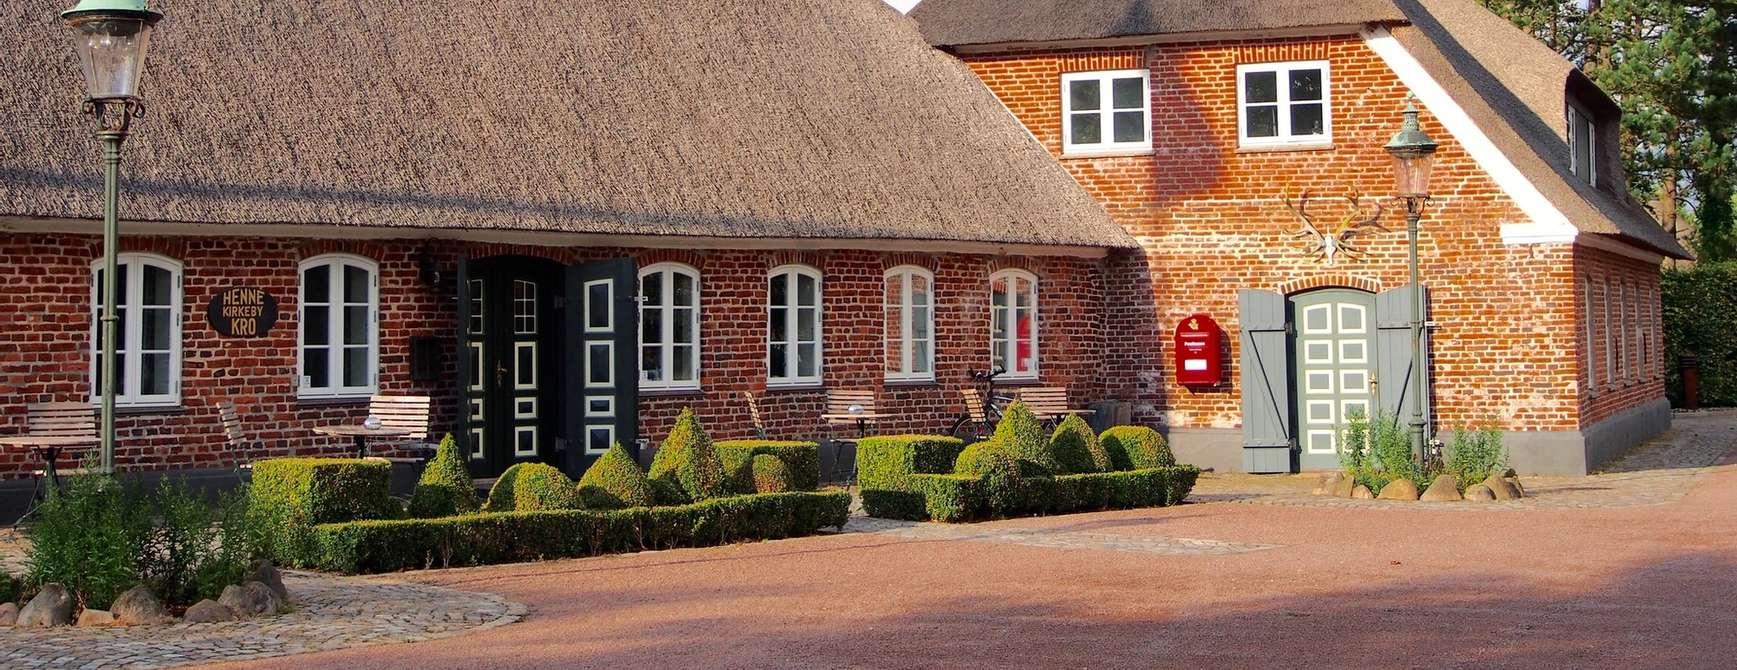 Landlig gourmet: Henne Kirkeby Kro. Foto: Wikipedia